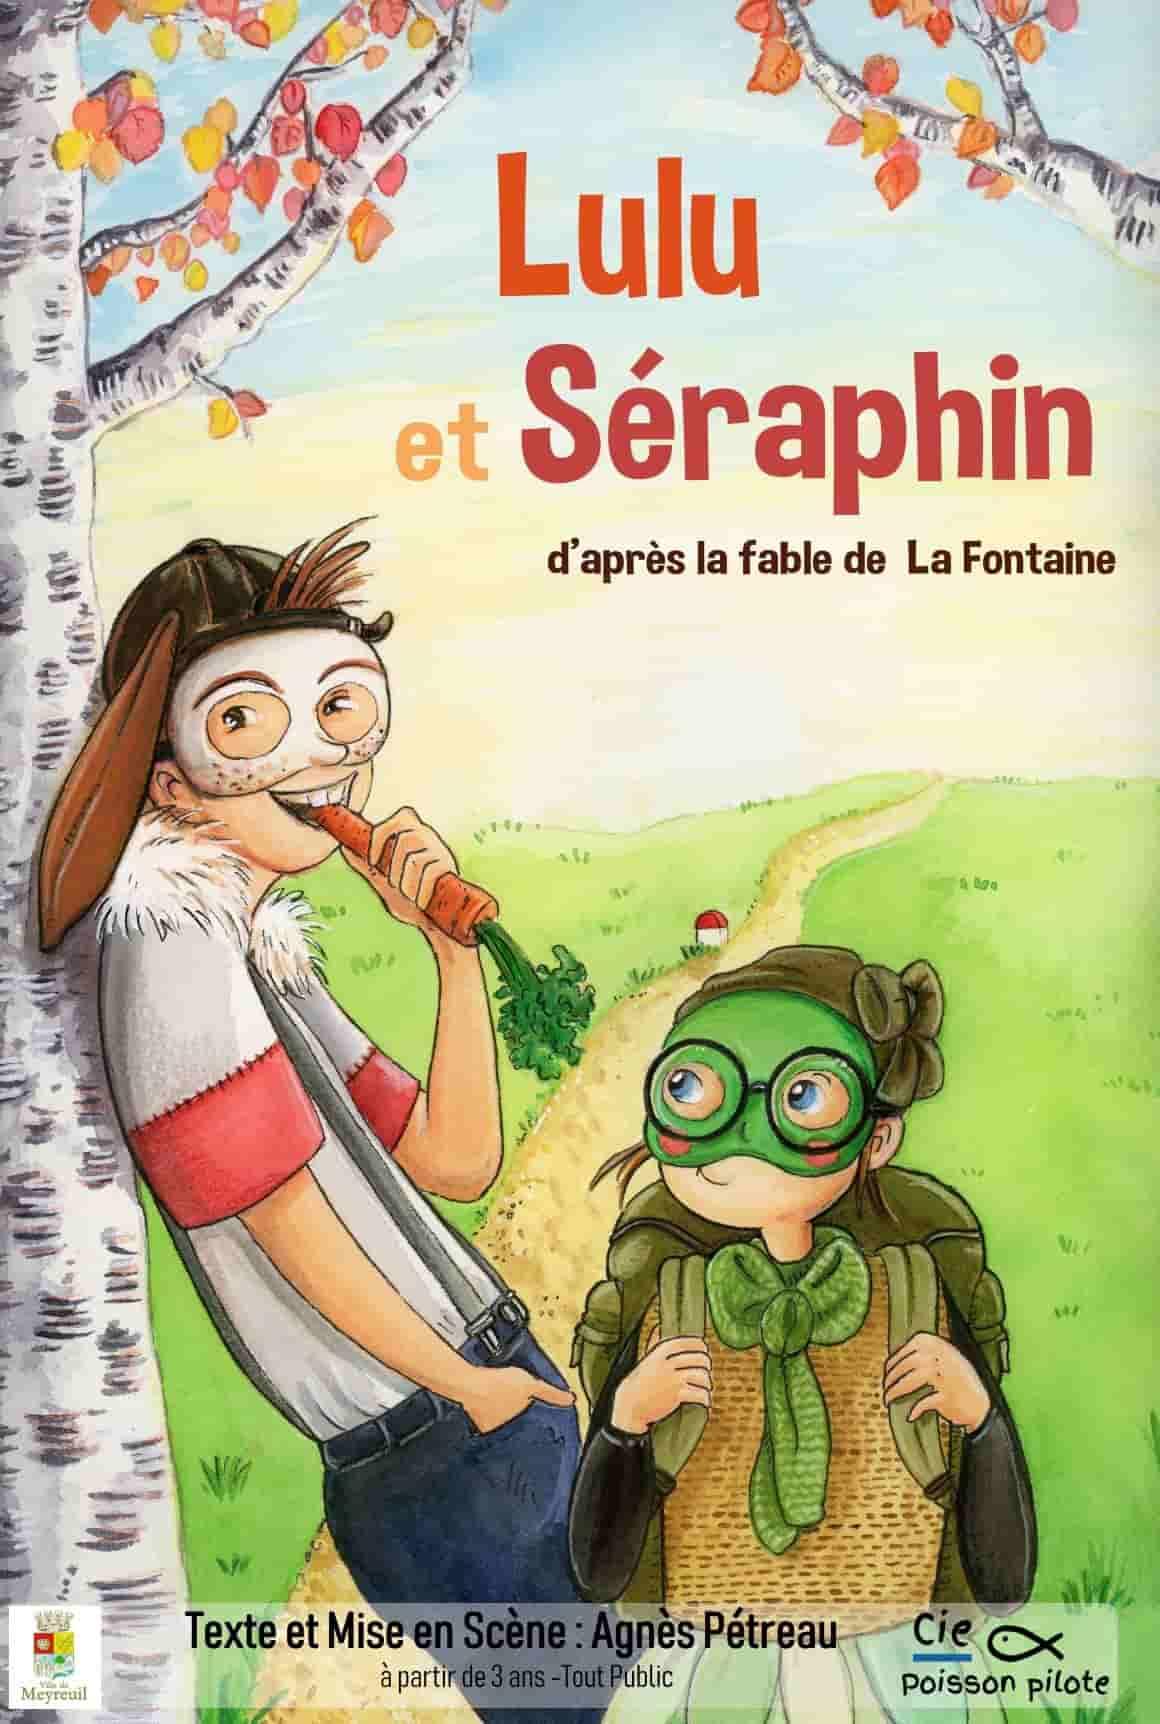 Lulu et séraphin - Cie poisson Pilote - L'Art Dû - Marseille - Théâtre - 13006